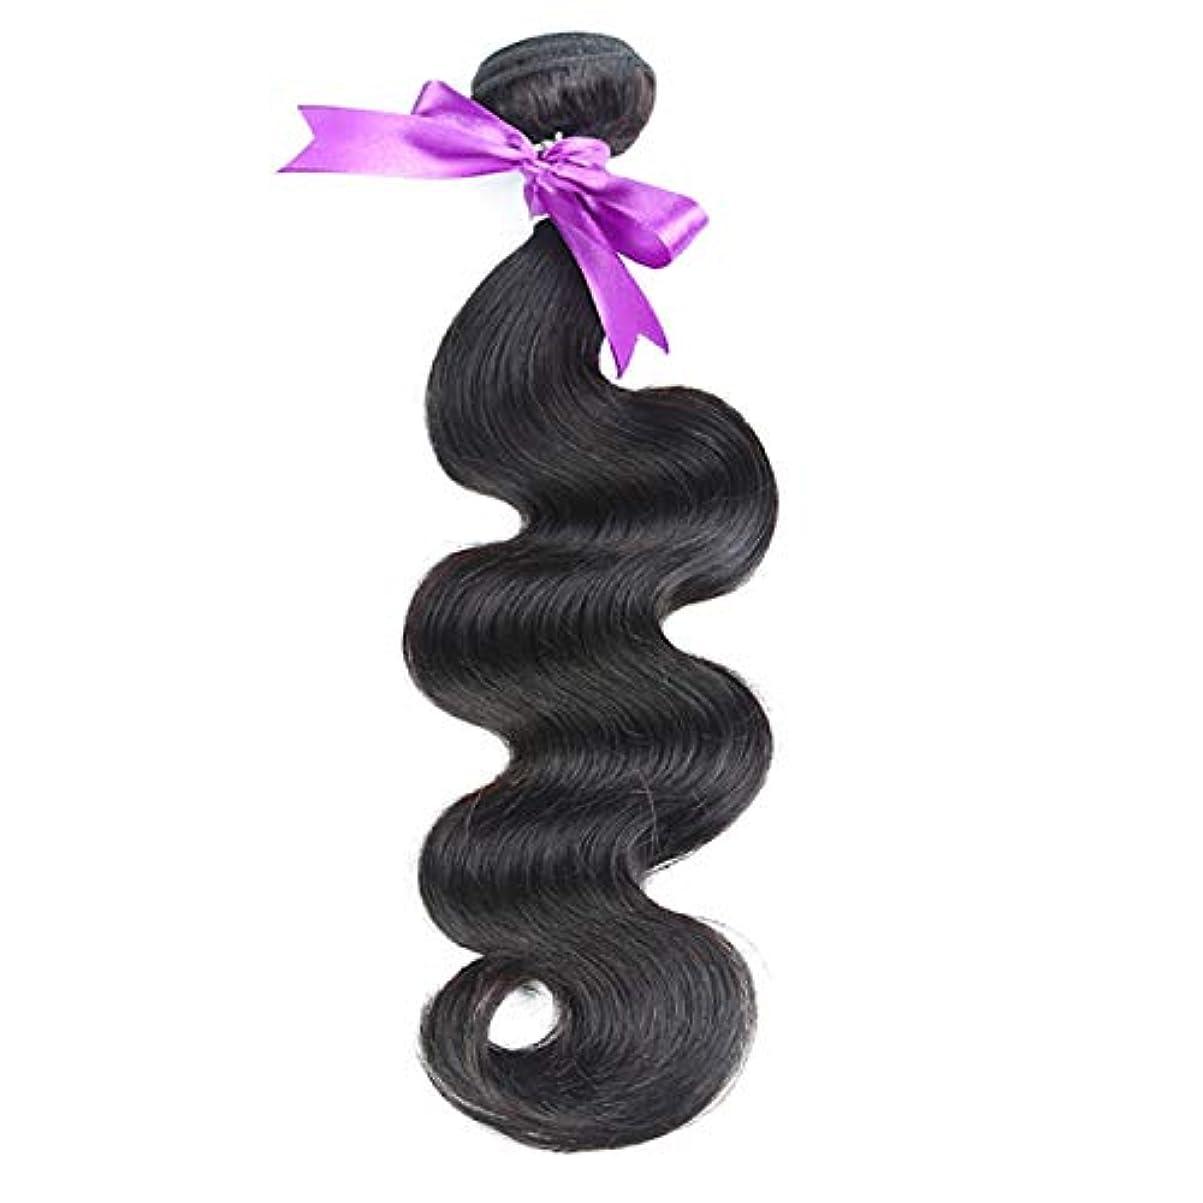 戻す小川娯楽マレーシアの体毛バンドル8-28インチ100%人毛織りのremy髪ナチュラルカラー1ピース (Stretched Length : 12inches)